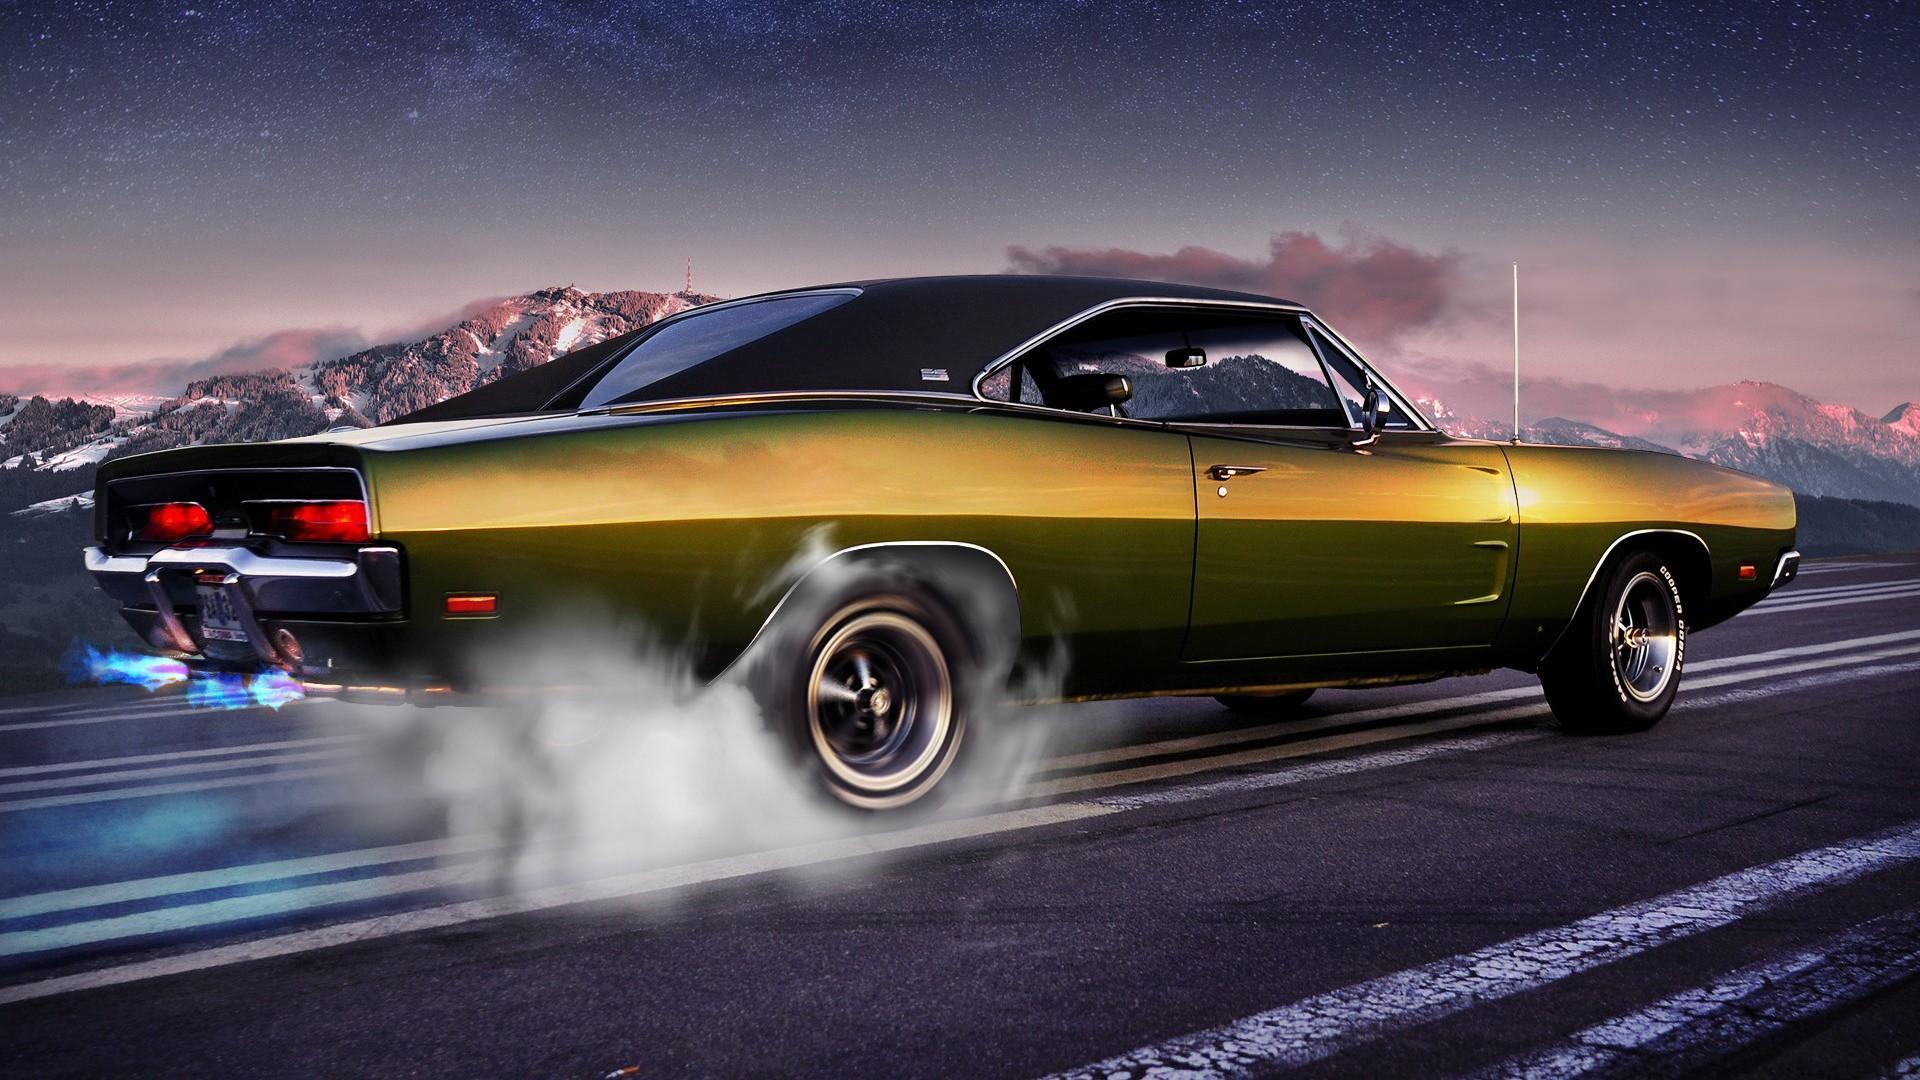 Muscle car wallpapers classic car wallpapersafari - Old american cars wallpapers ...